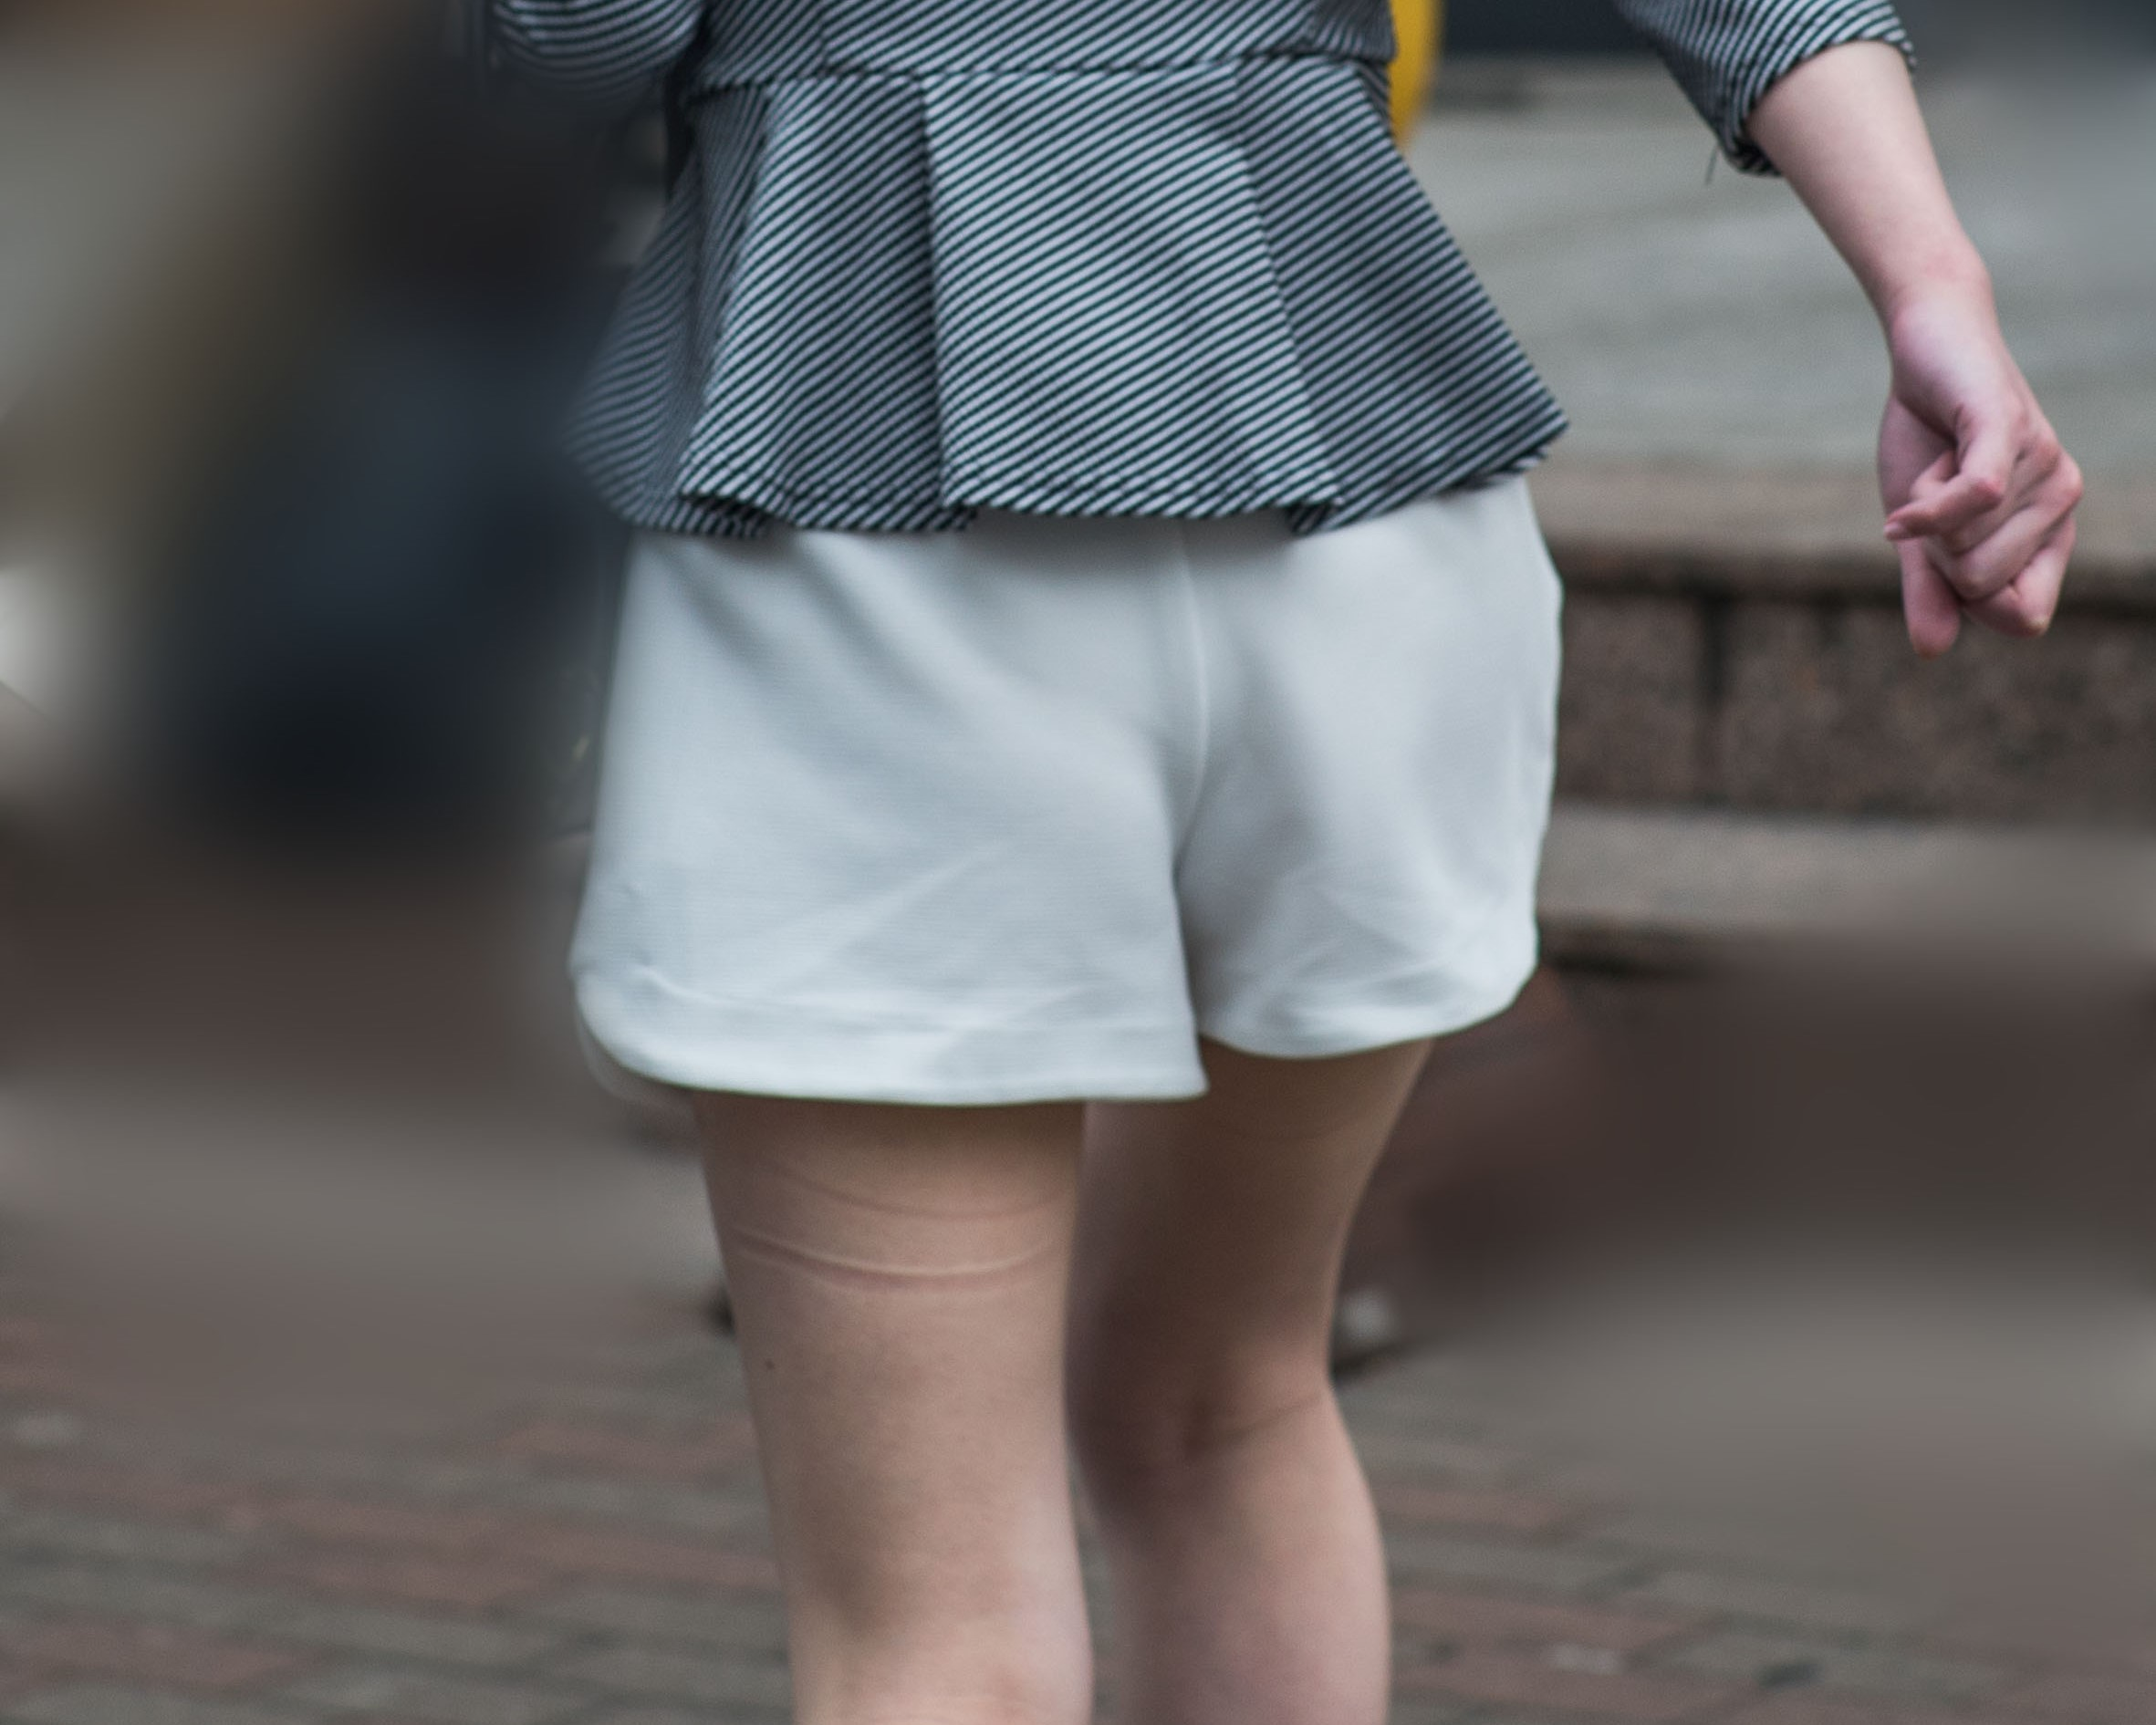 生足もエロいし、浮き出たお尻もエロい、白いショートパンツのお嬢さん!